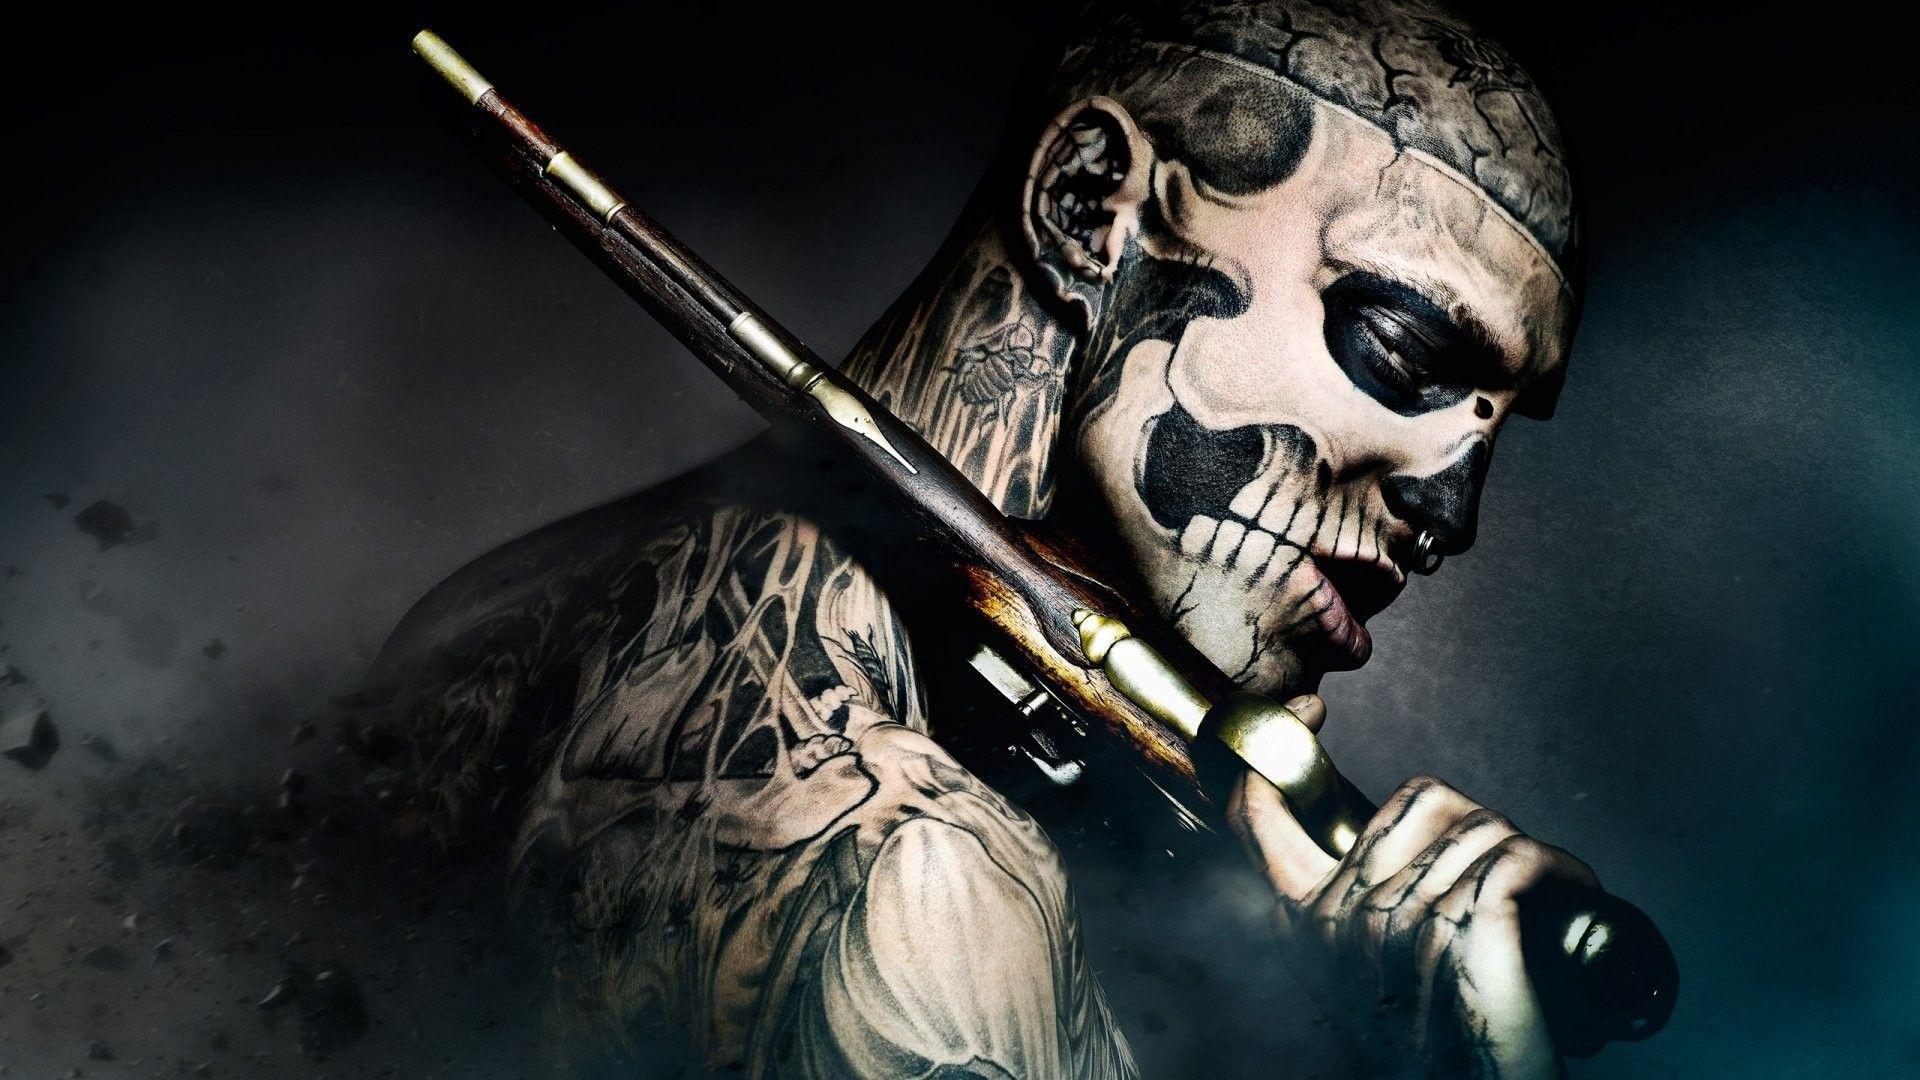 skulls and guns wallpapers